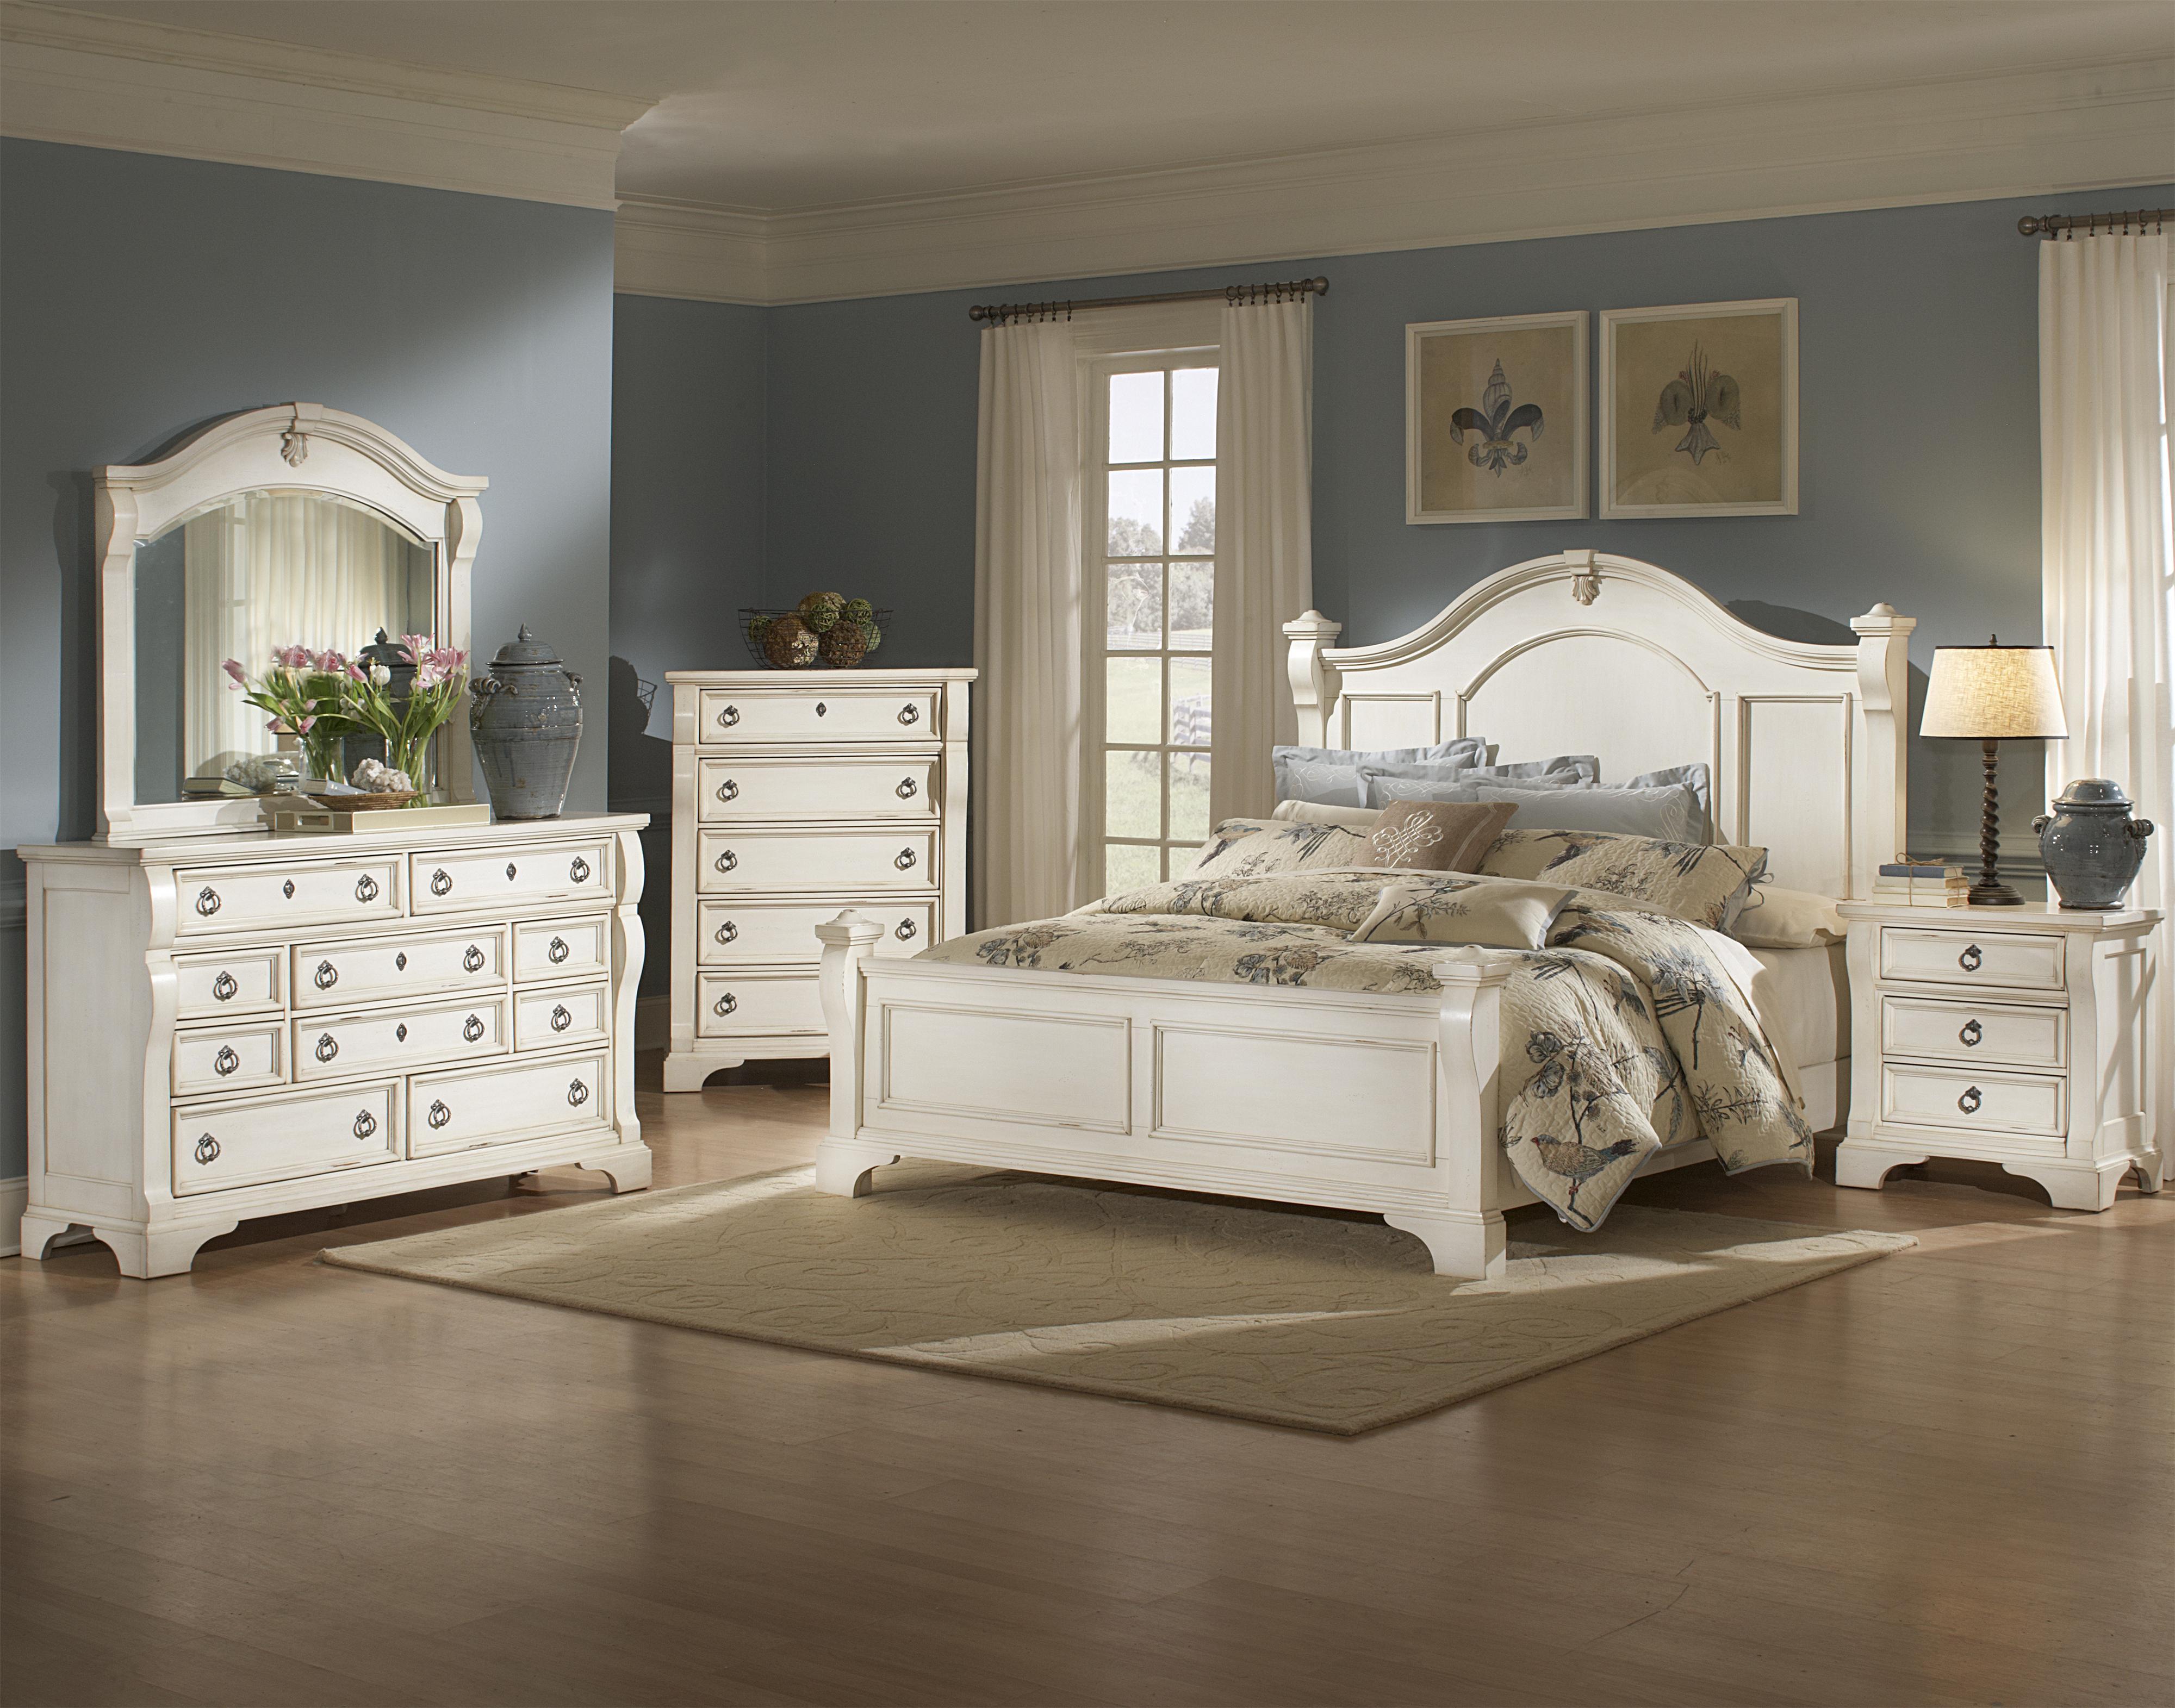 American Woodcrafters Heirloom King Bedroom Group - Item Number: 2910 K Bedroom Group 1